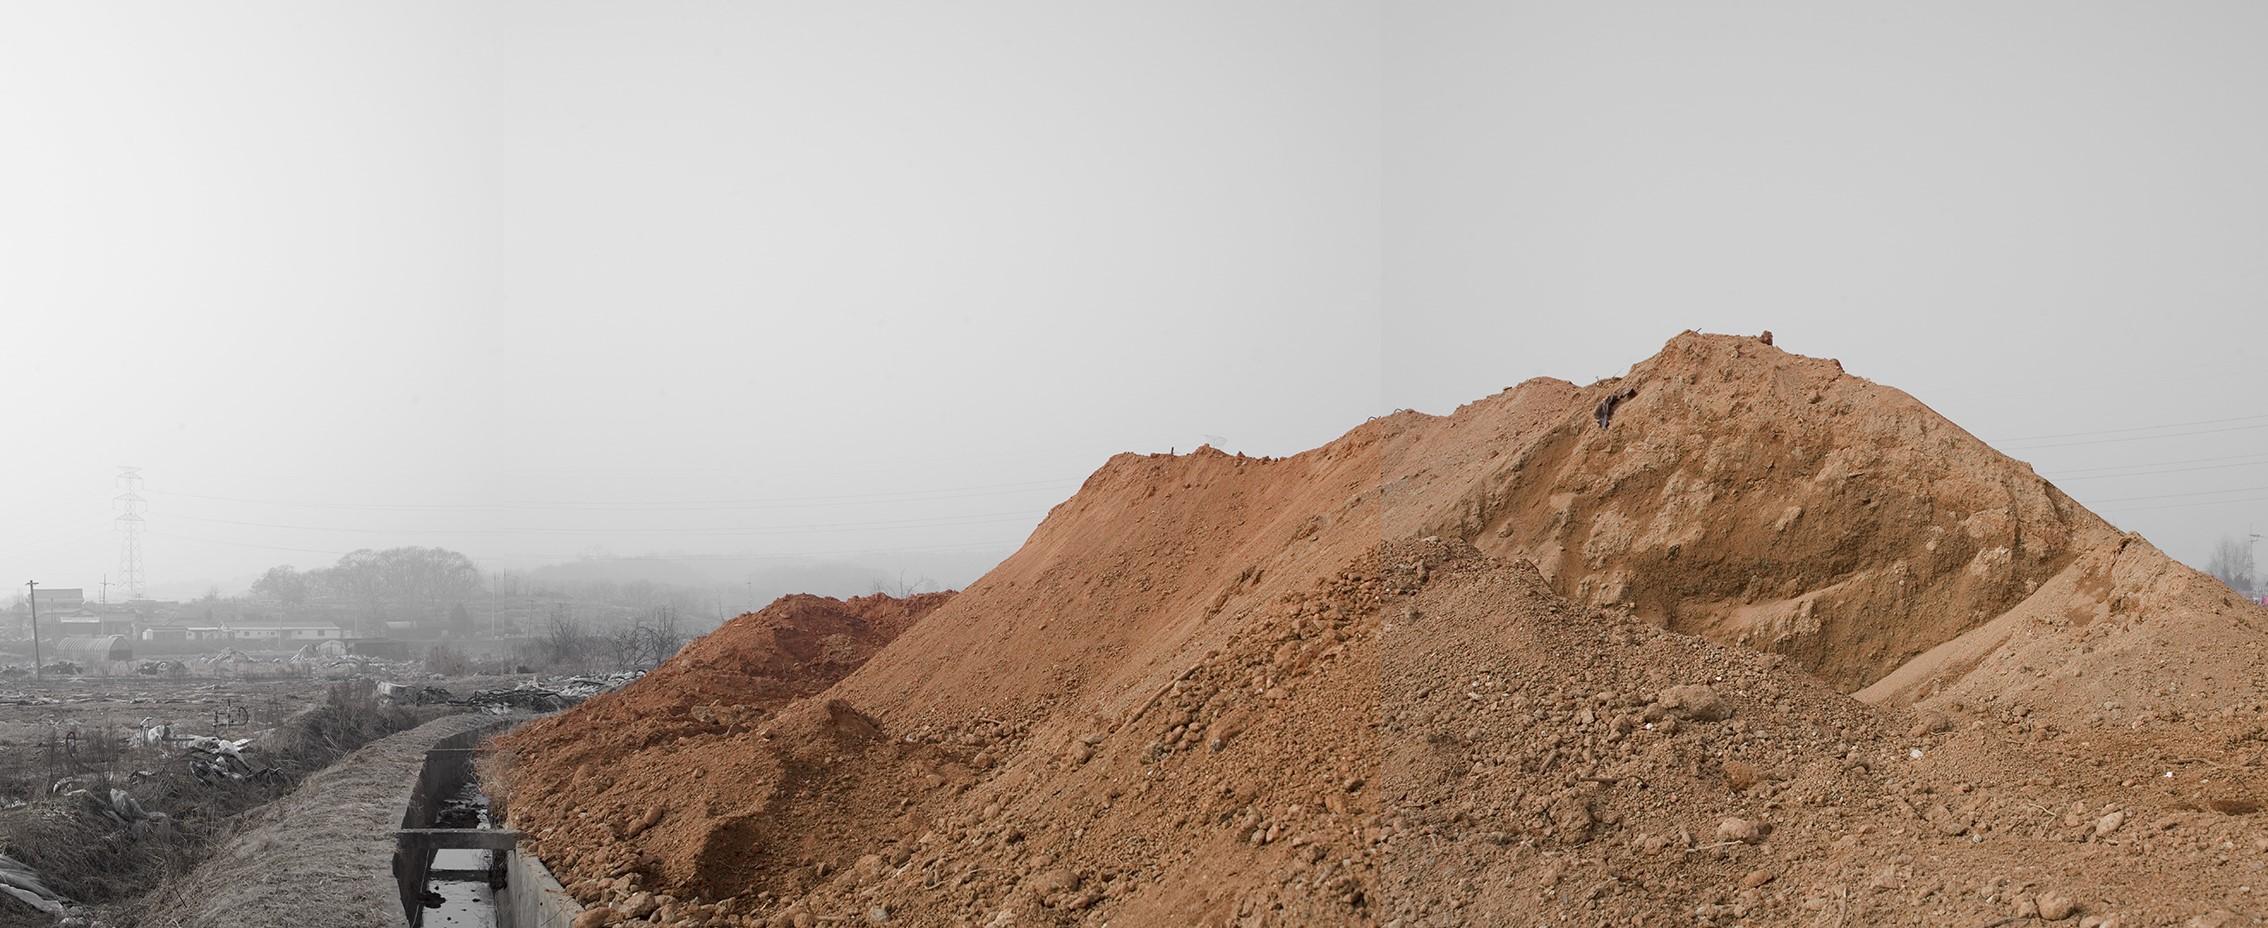 강홍구, 안개와 서리 29, 디지털 프린트, 69.4x152cm, 2008